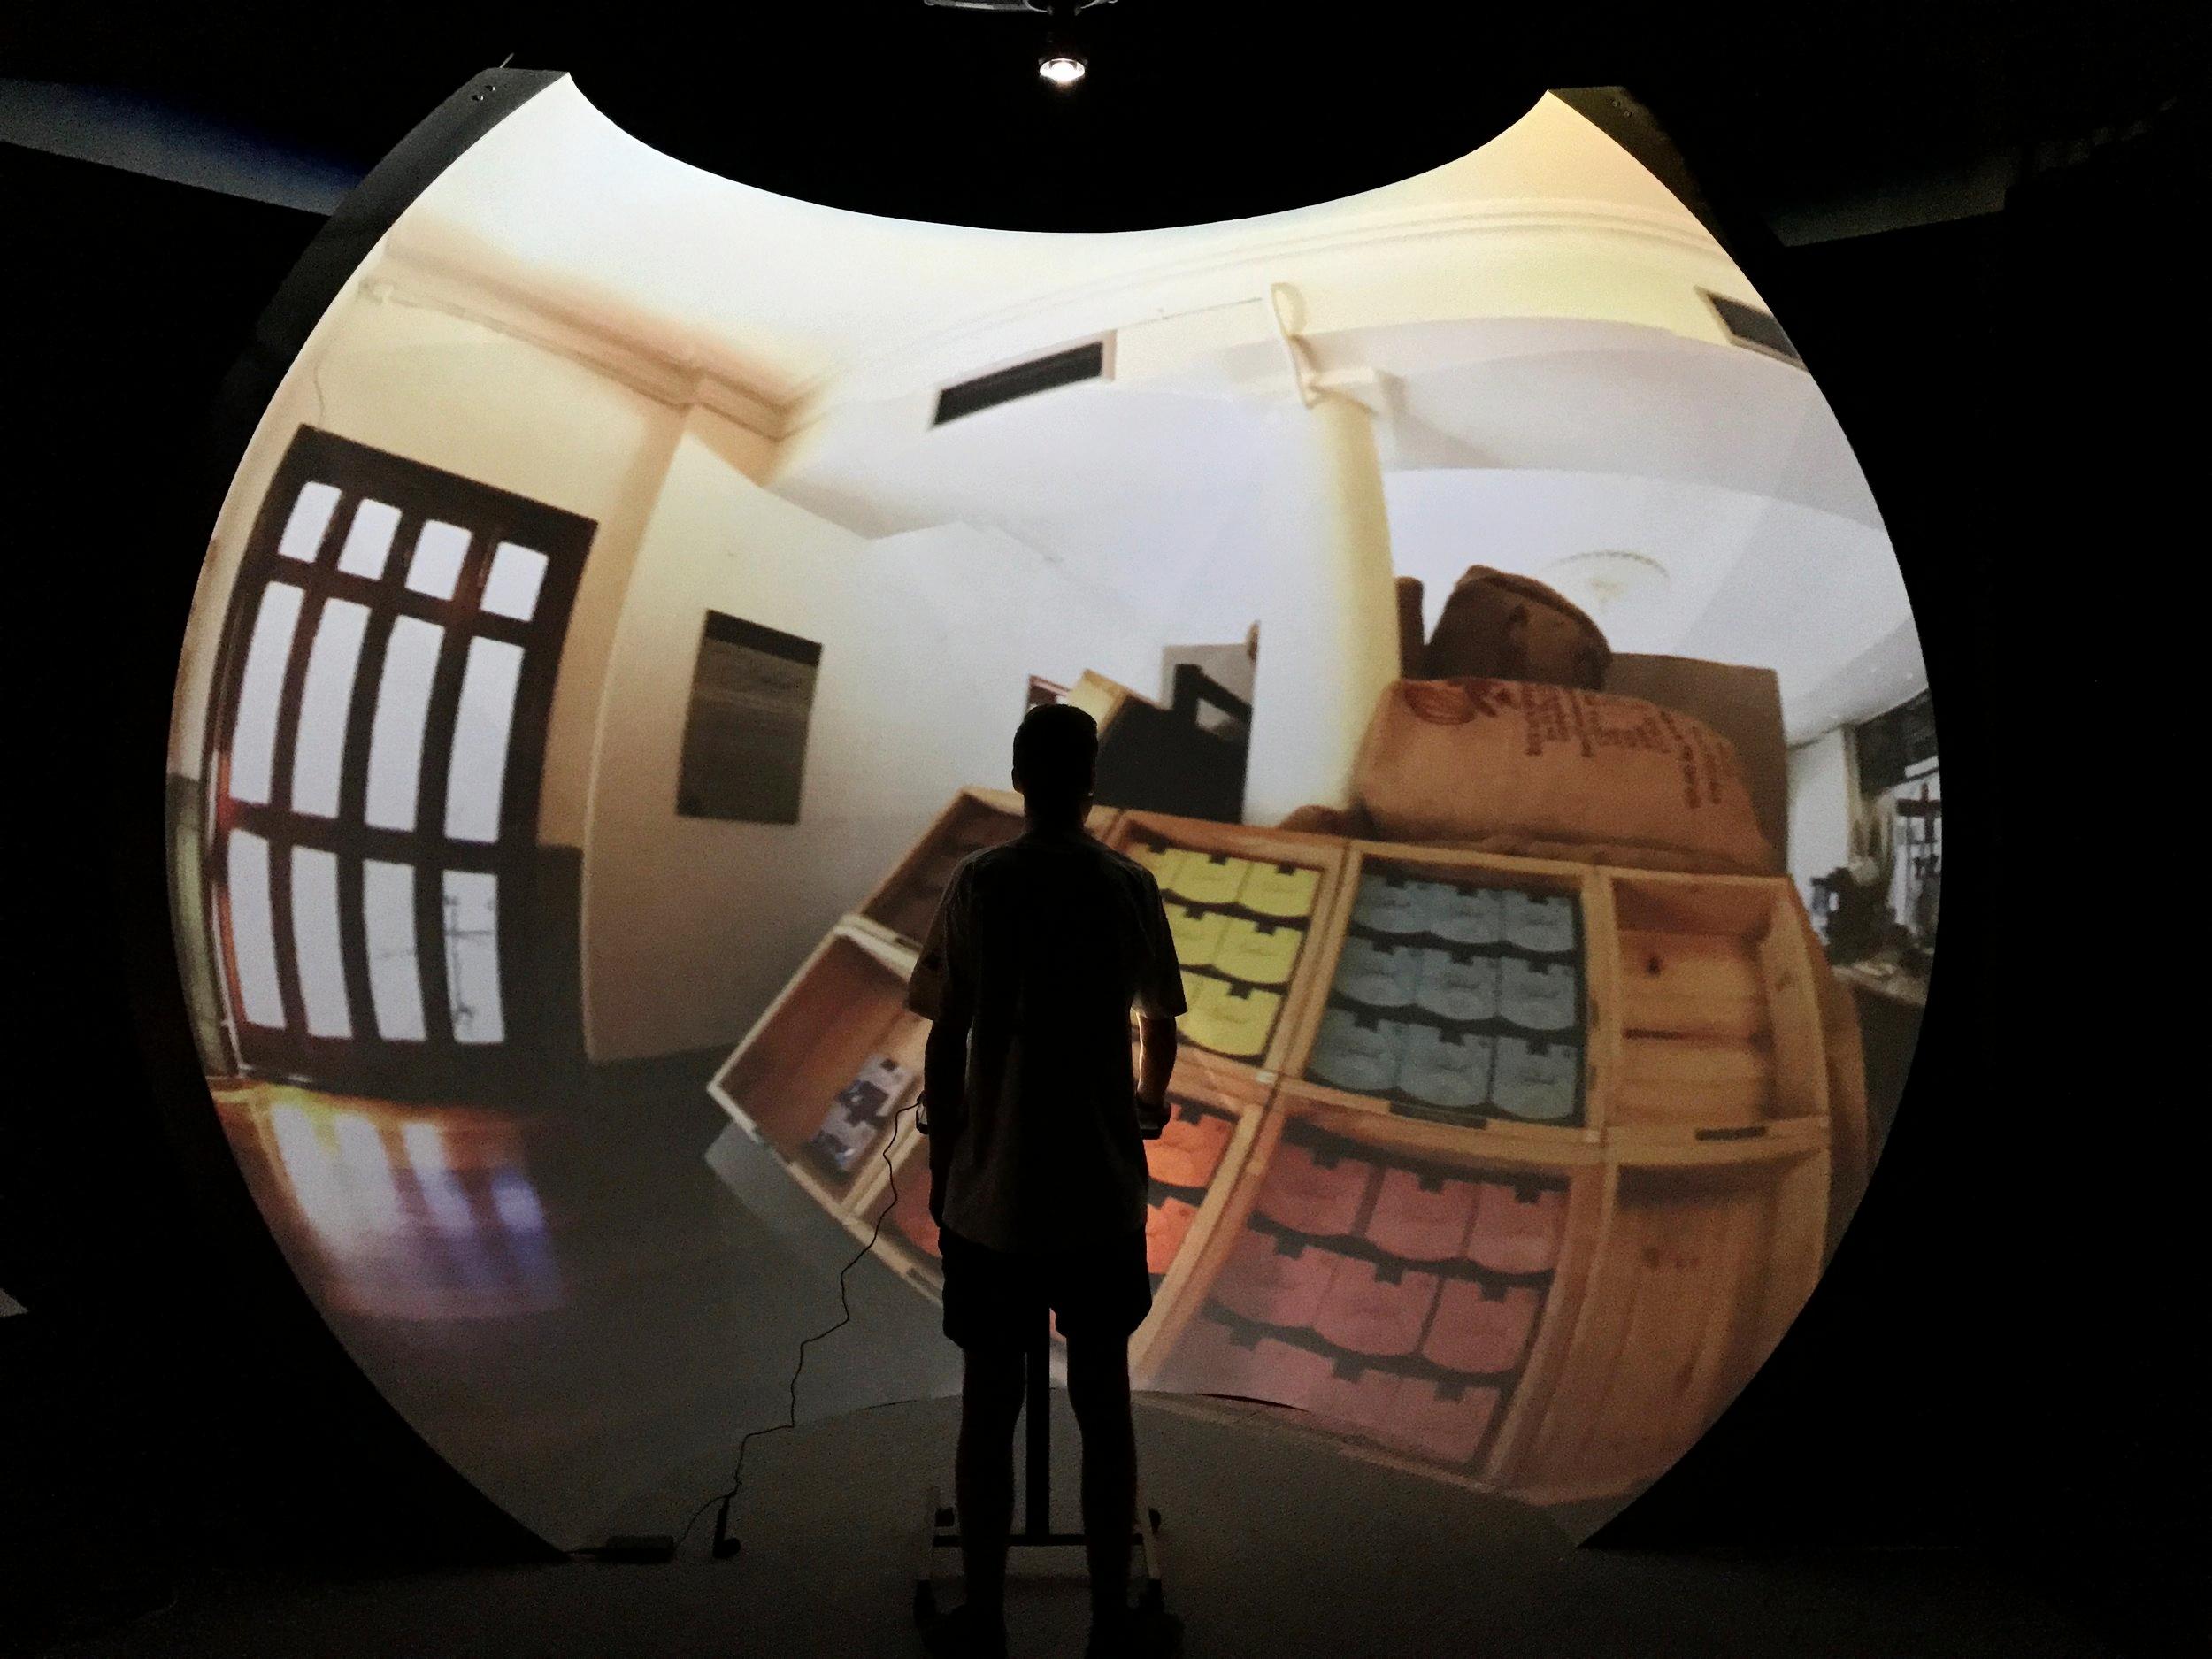 LBRC utilise Immersive Visualisation Hub